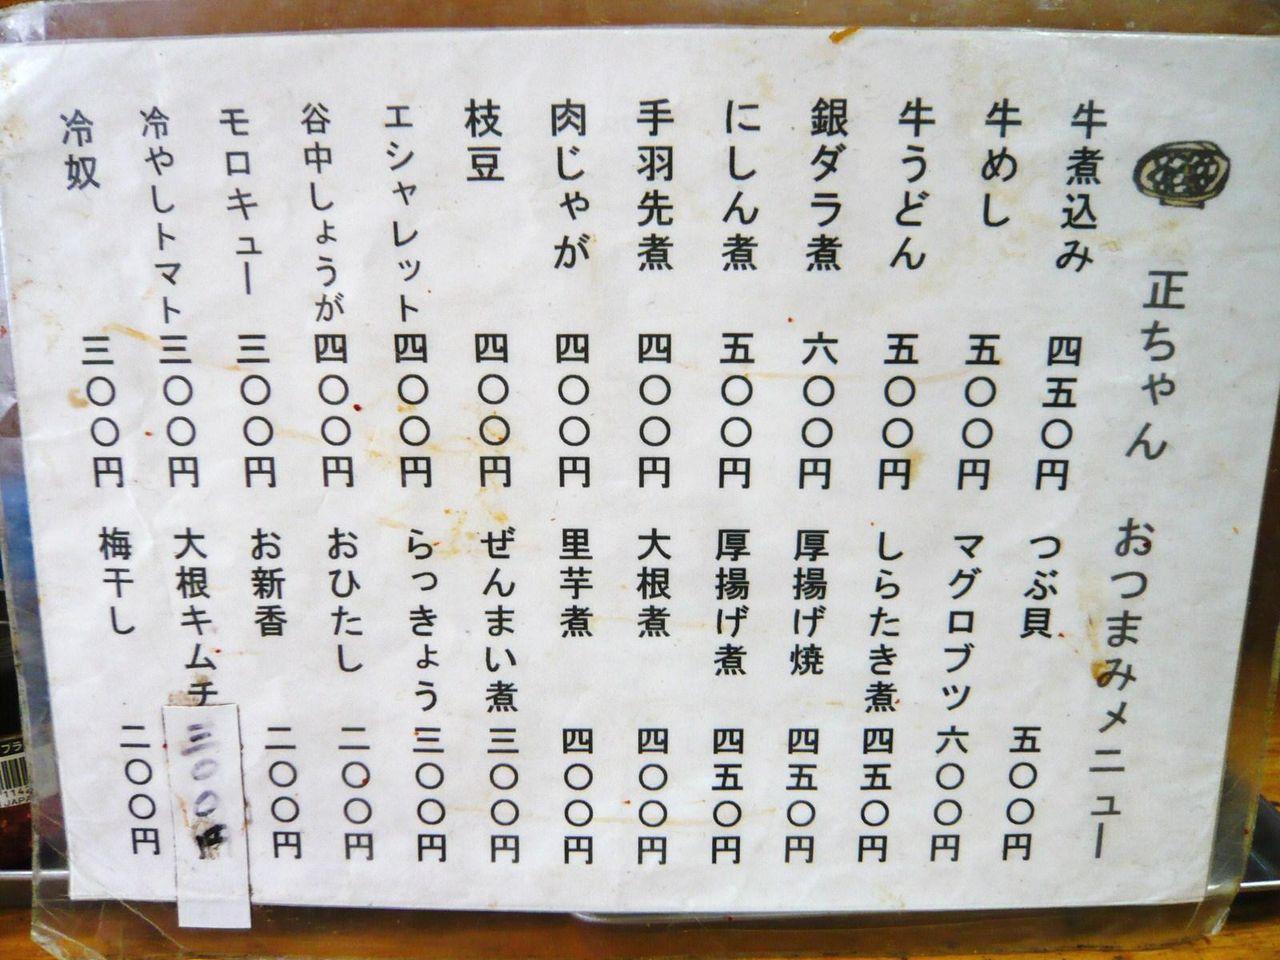 正ちゃんのメニュー(24年1月現在)